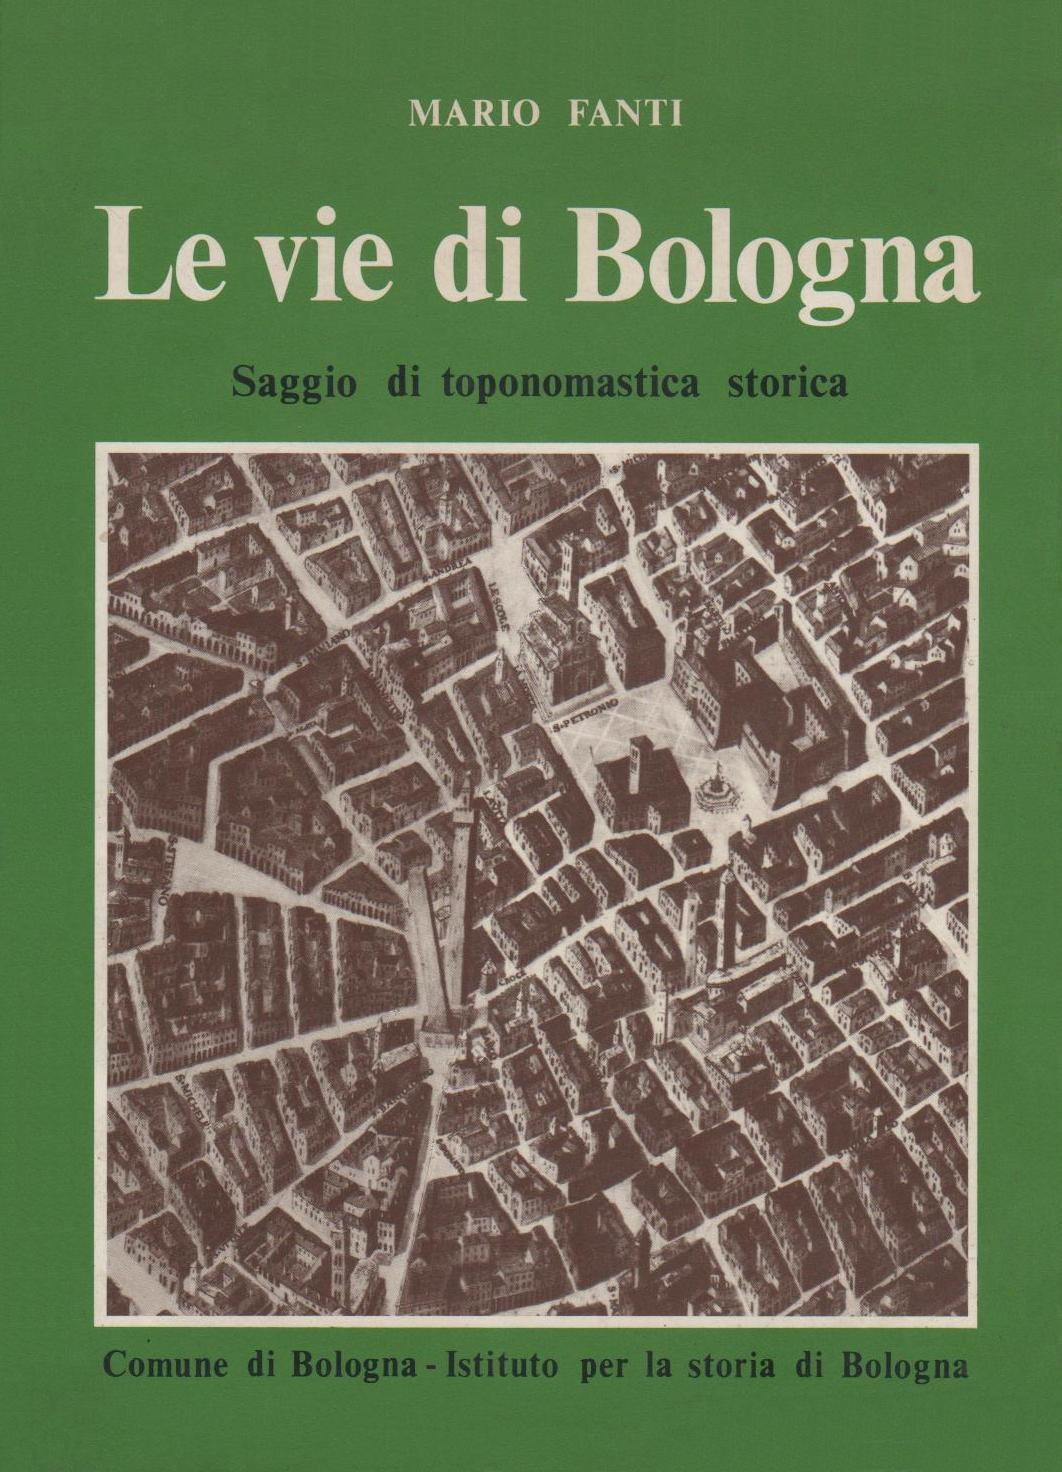 Le vie di Bologna